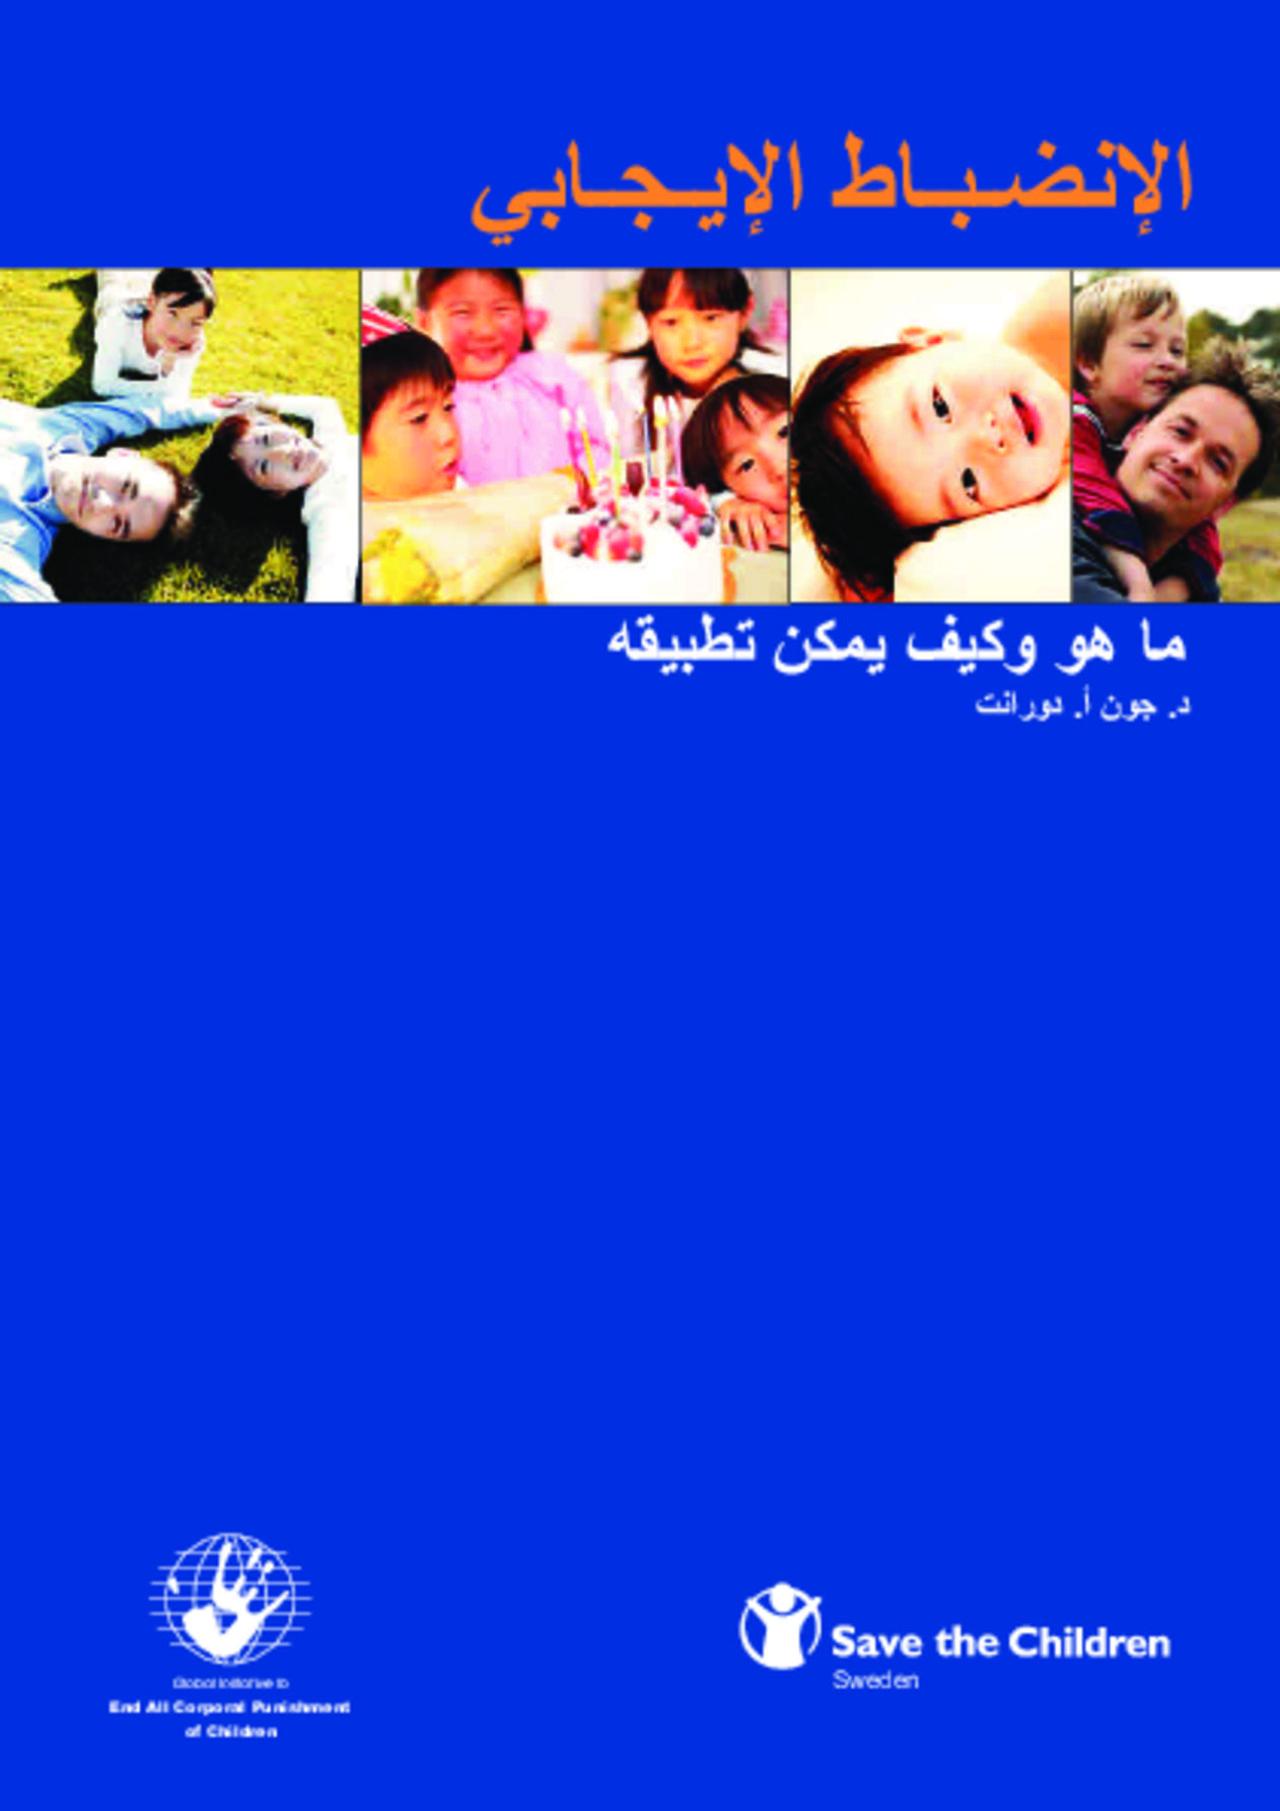 كتاب الانضباط الإيجابي للطفل